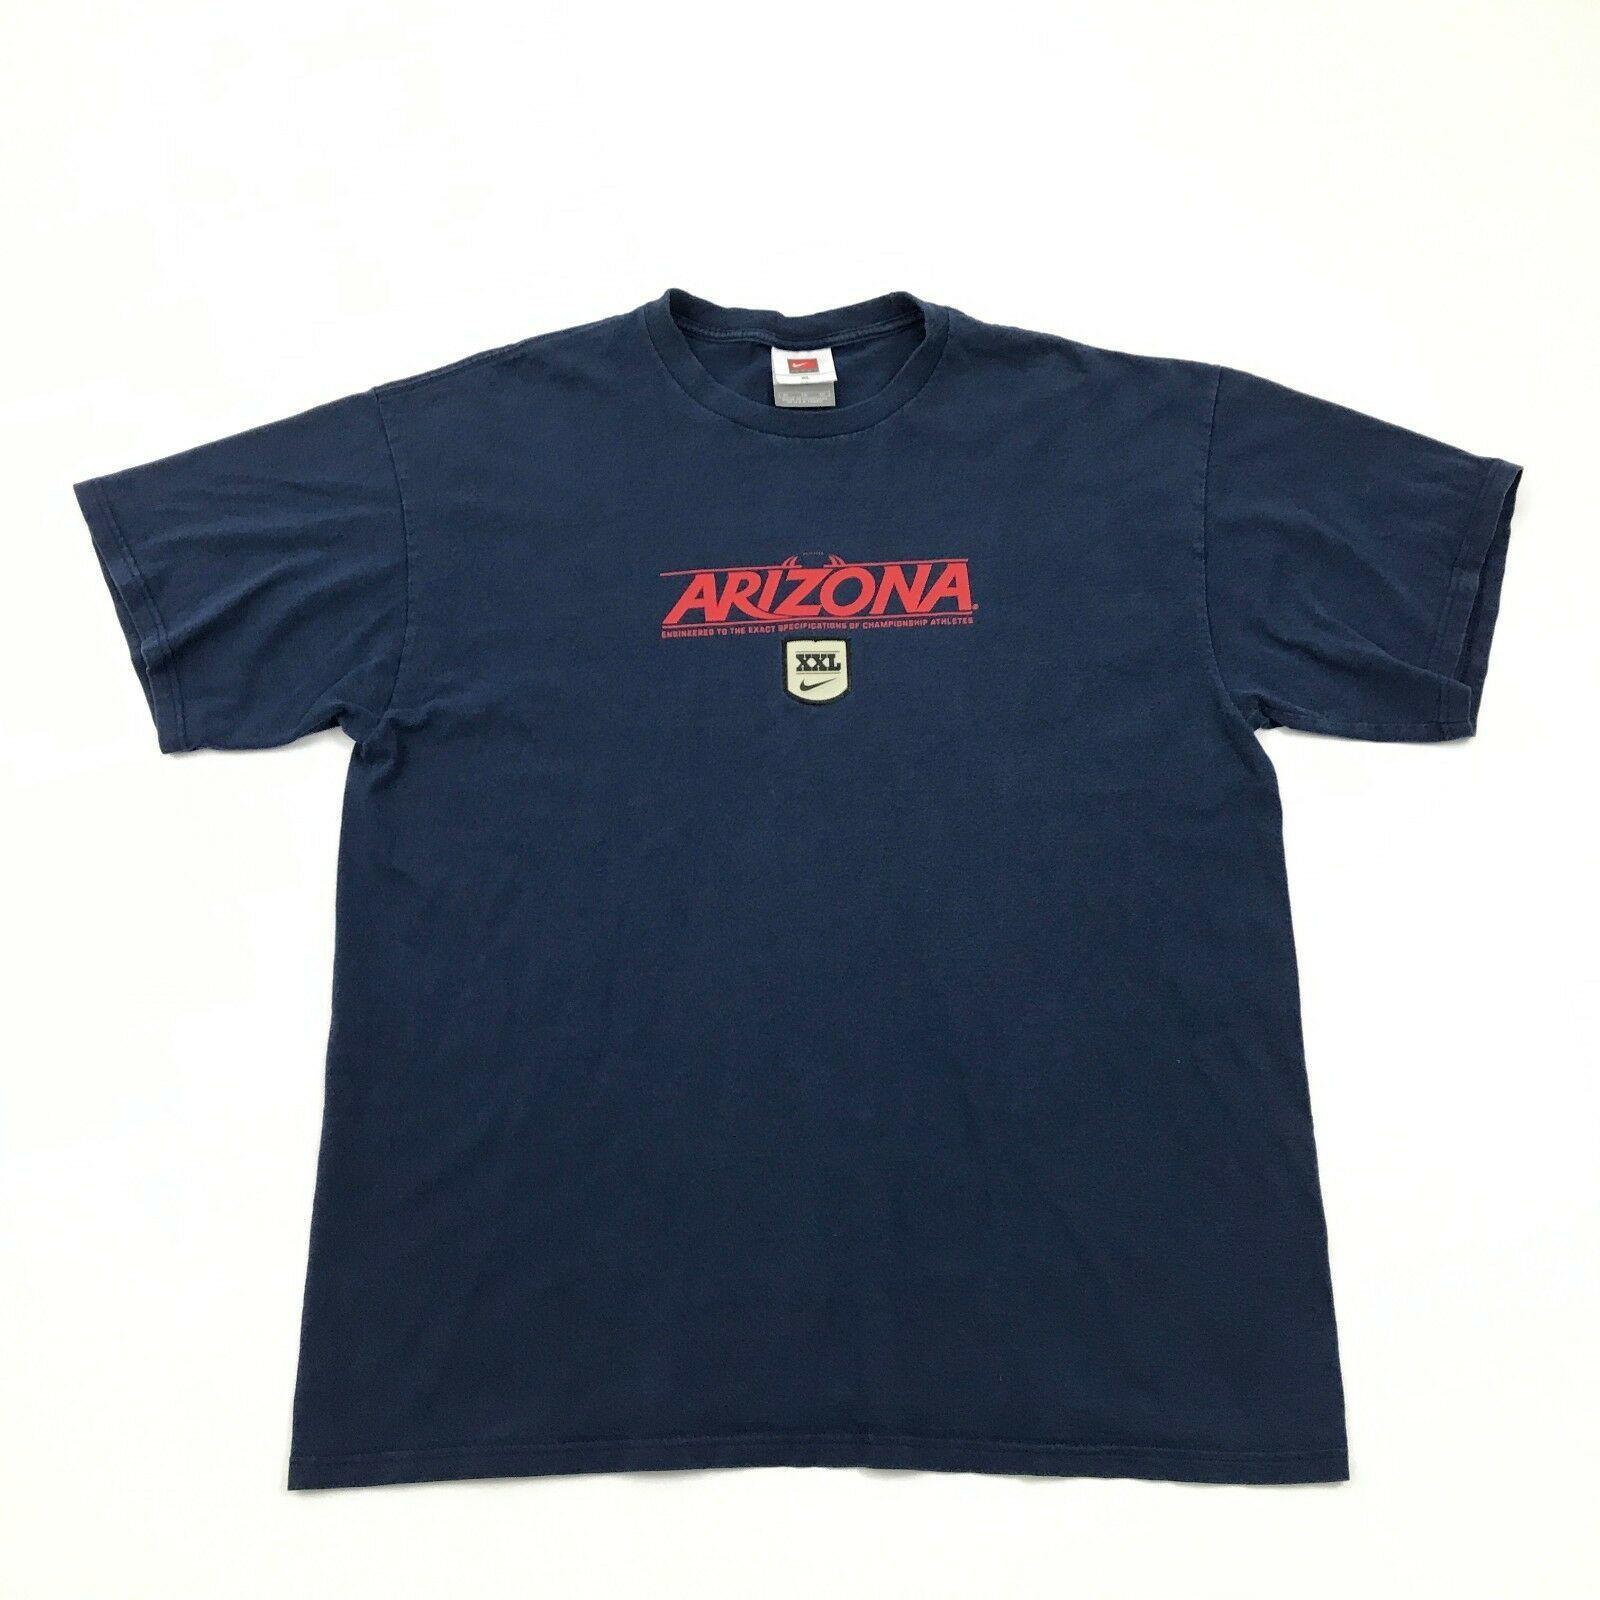 78074d71aac15 57. 57. Previous. VINTAGE Nike Arizona Shirt Men Extra Large XL Blue Tee  Loose Fit UofA BEARDOWN